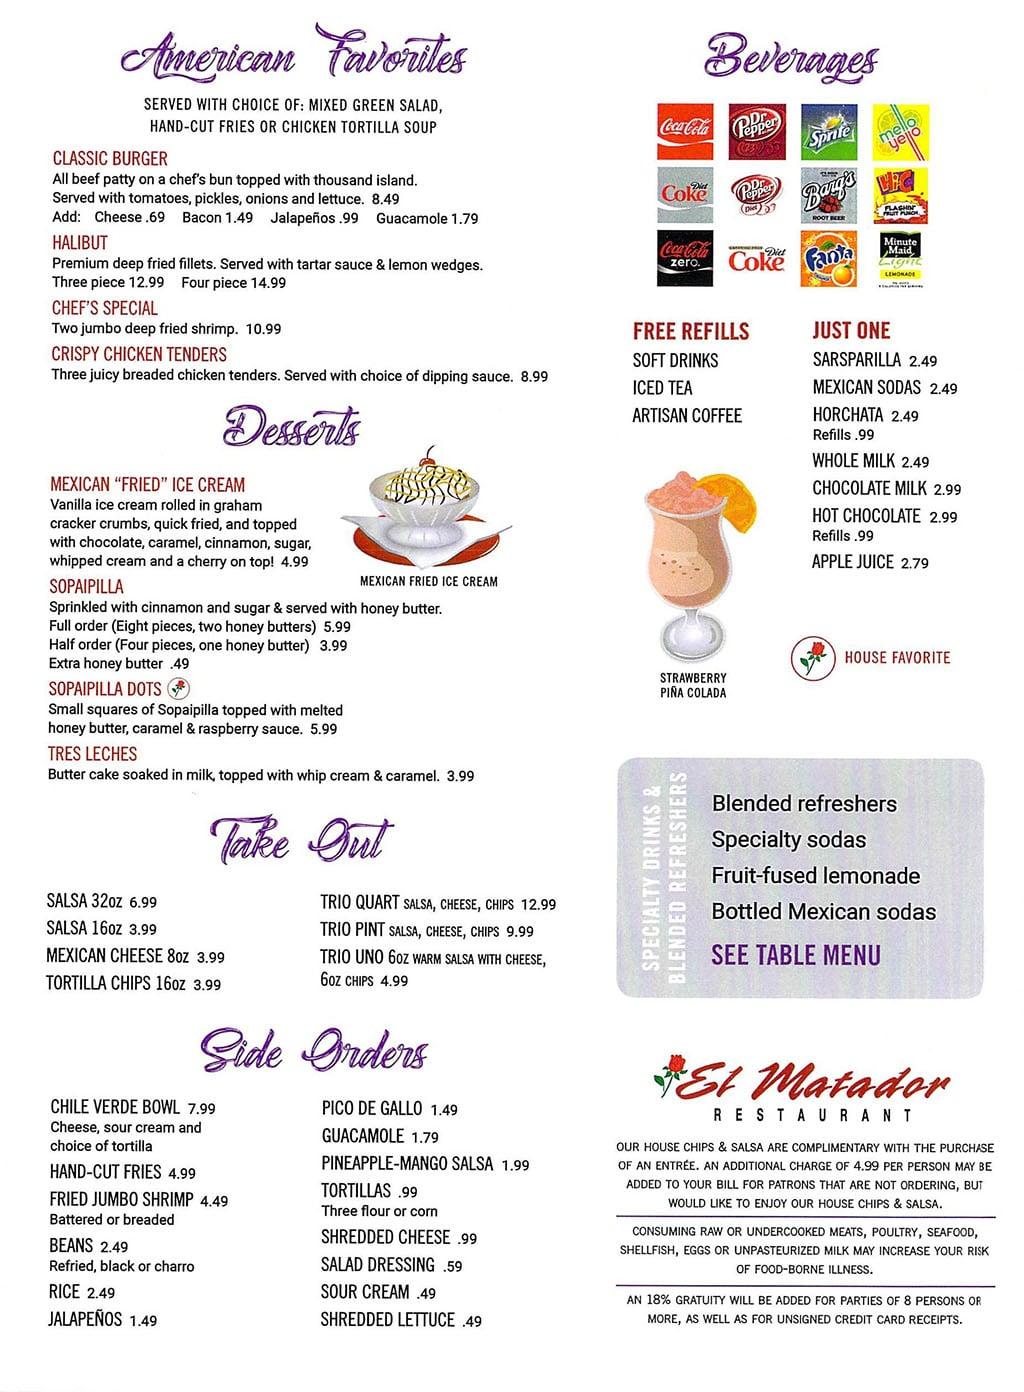 El Matador menu - American, desserts, drinks, sides